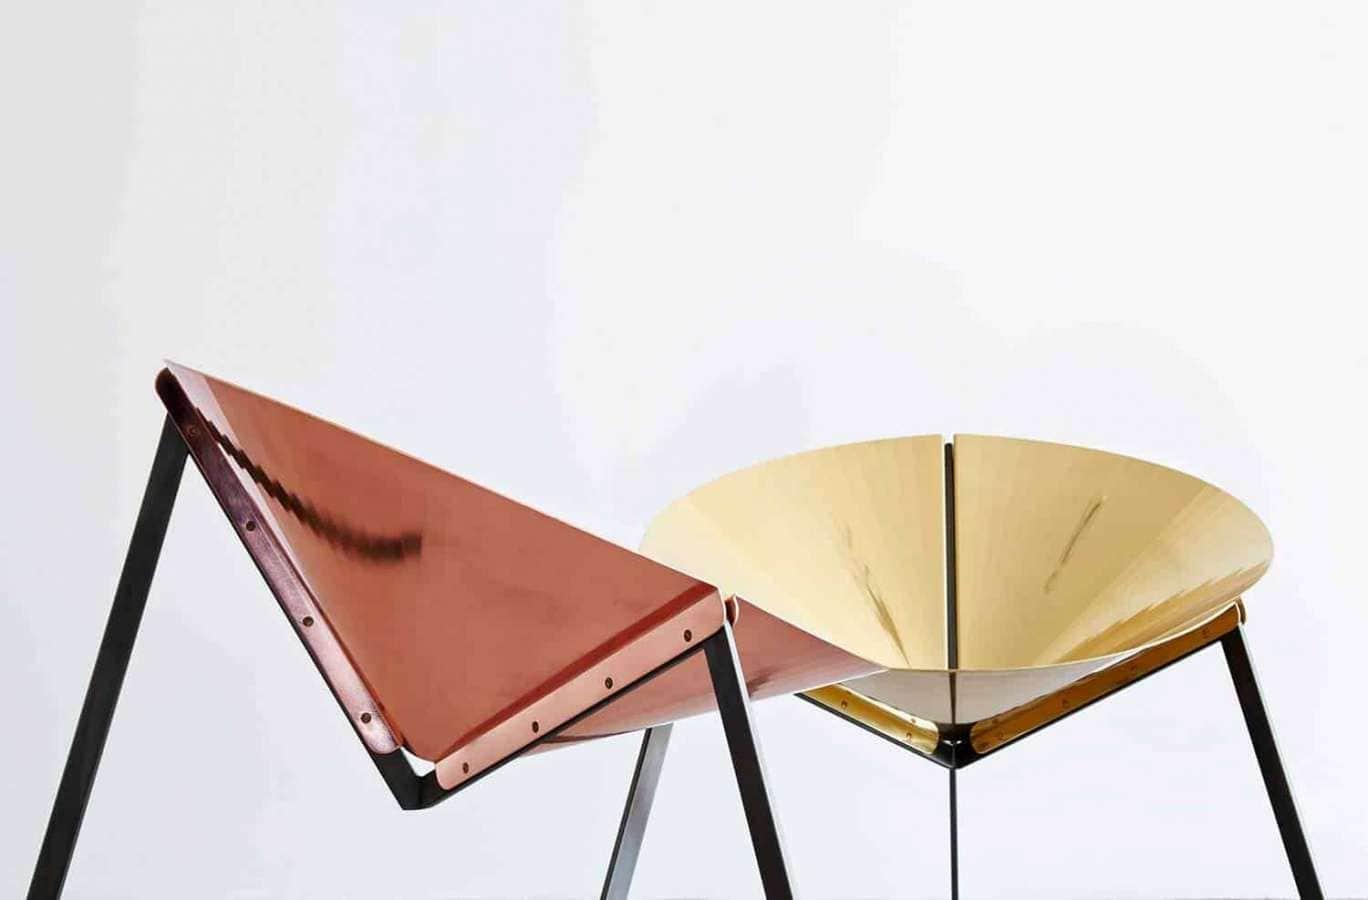 Un projet qui remet au goût du jour et en version métallique la chaise iconique Acapulco des années 50. Structure en fer qui supporte du cuivre poli et du laiton. Design Ivdesign. ©DeCastelli